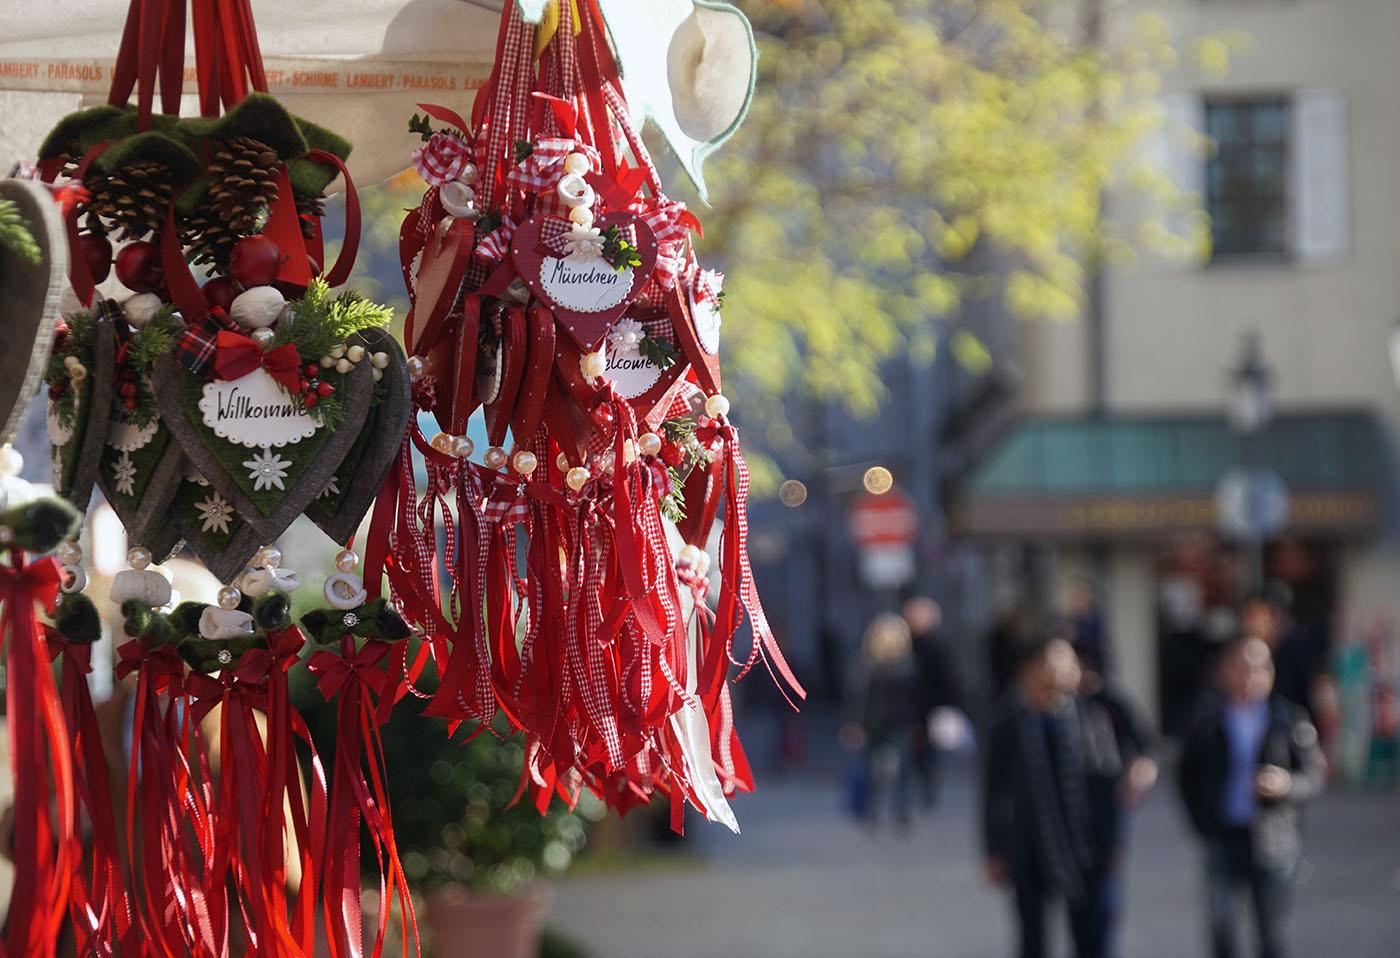 ヴィクトアリエン市場クリスマスオーナメント